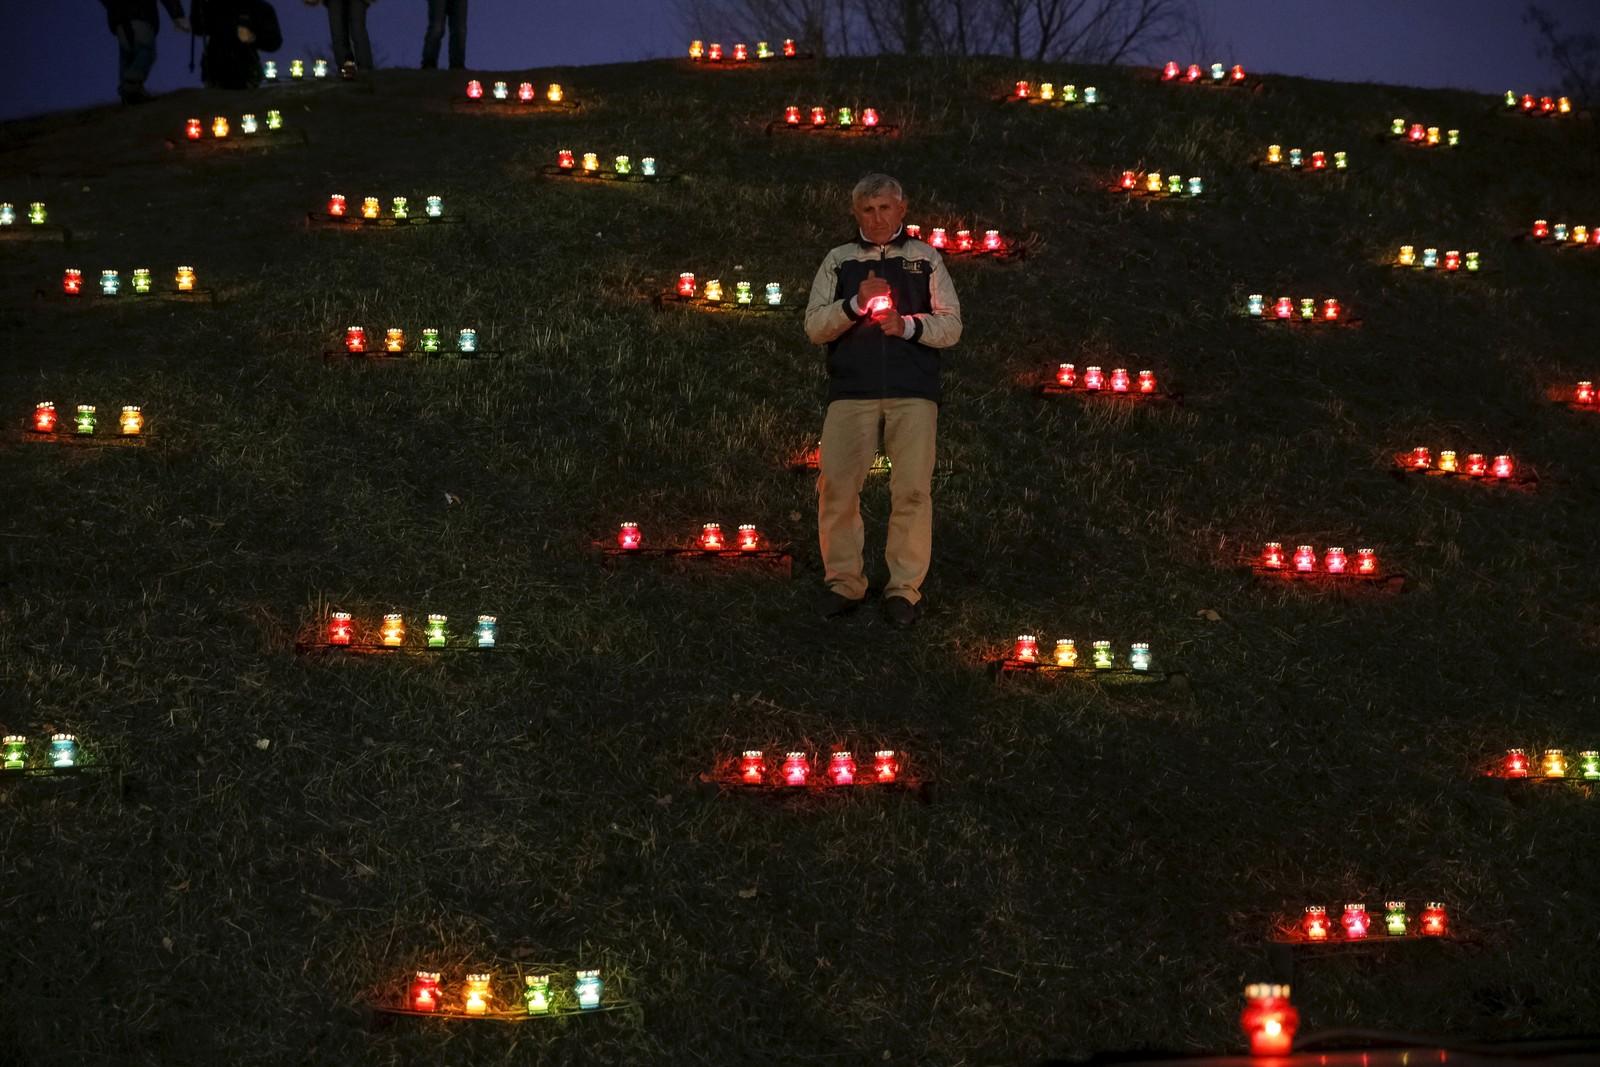 En mann minnes de millionene som døde under den store hungersnøden i Ukraina i 1932-1933. Den traumatiske hendelsen kalles Holodomor, og mannen tenner lys ved et monument til minne om de som mista livet.